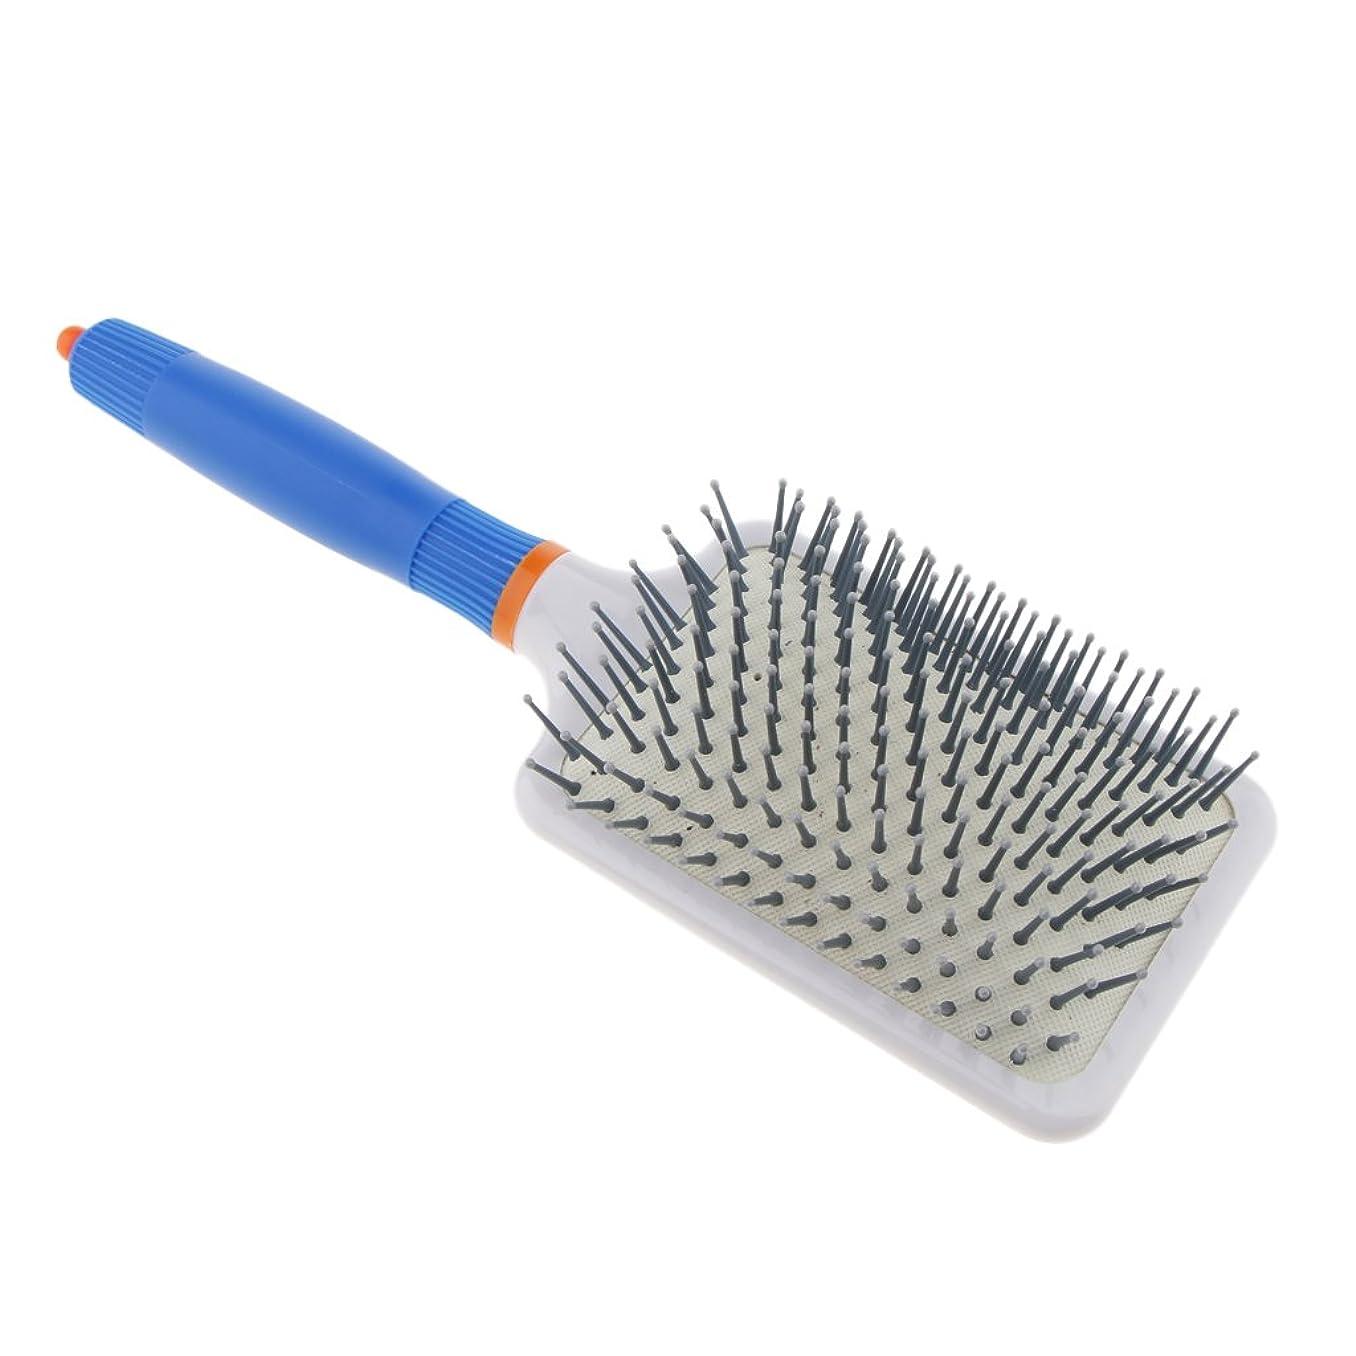 演じる凶暴な固有の頭皮マッサージ ヘアブラシ 櫛 ヘアコーム エアバッグ櫛 静電気防止 便利 濡れ髪適用 全2色 - ダークブルー